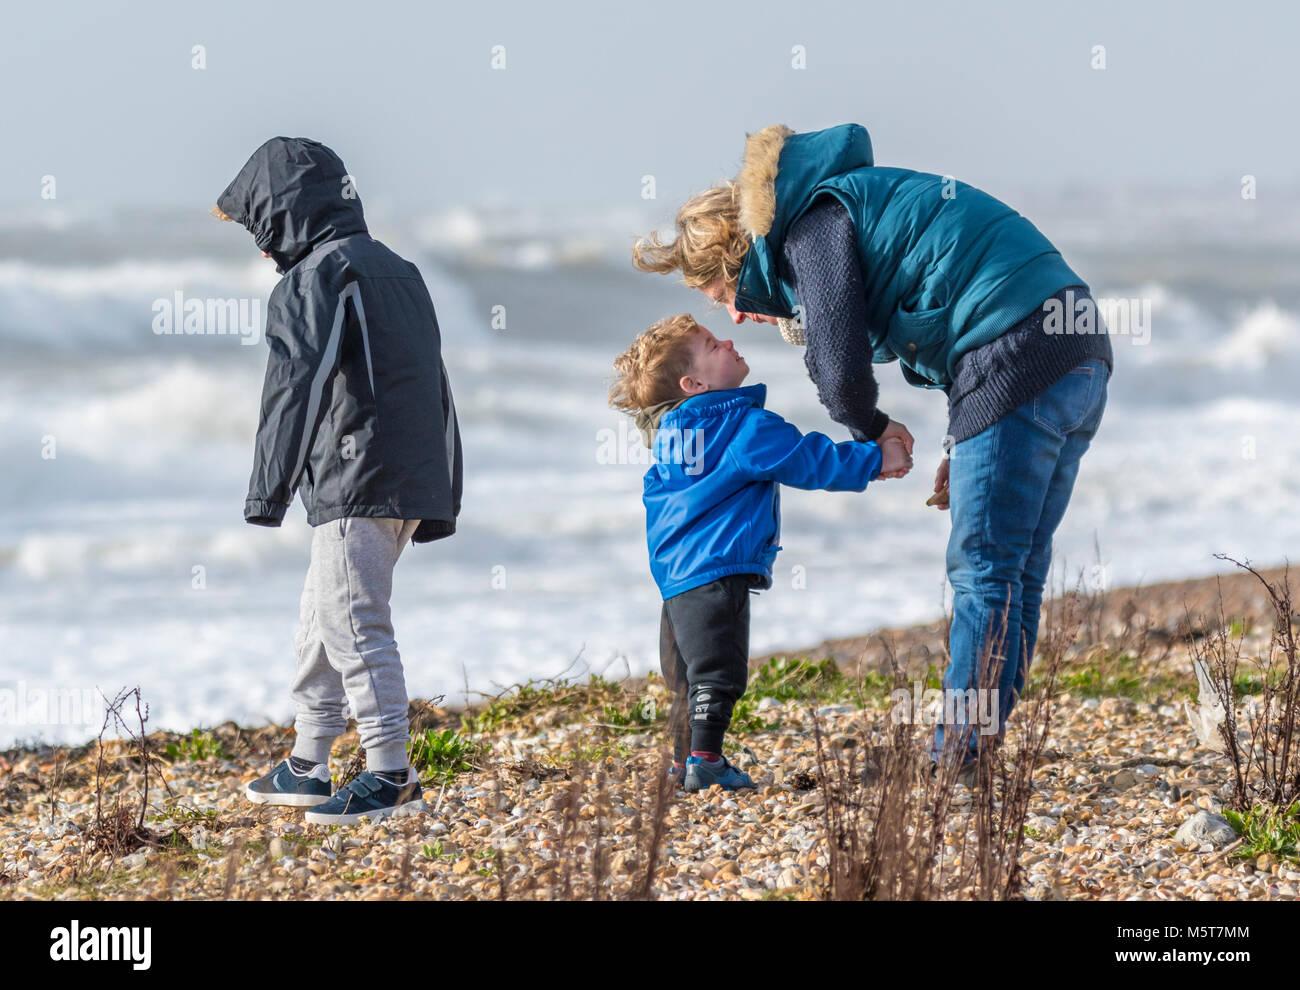 Femme avec 2 enfants apparaissant être discipliner l'un d'entre eux sur une plage sur une rude journée Photo Stock